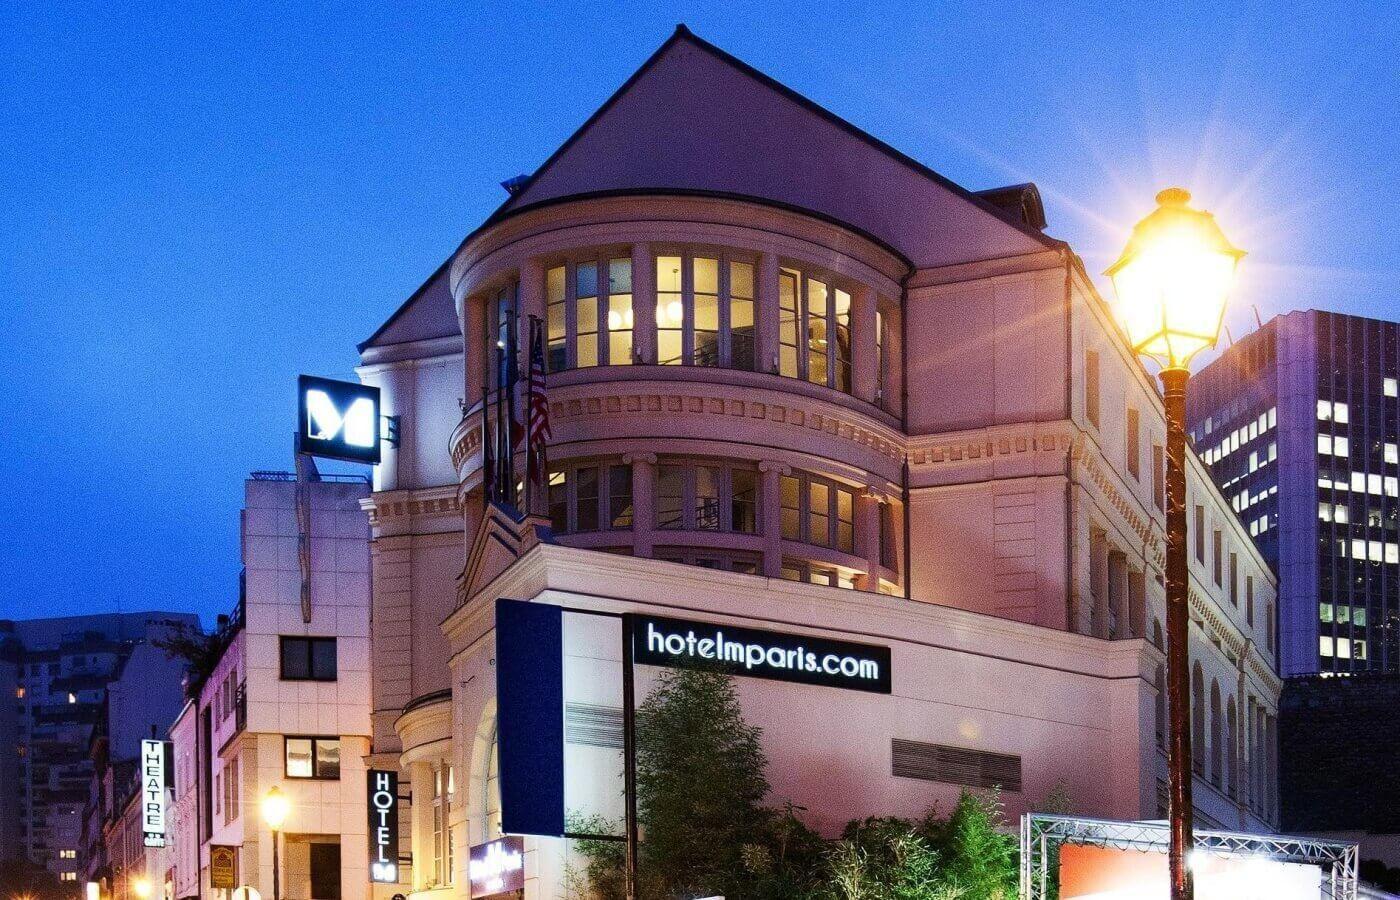 Hôtel Le M Paris   OFFICIAL SITE   4 Star Hotel Paris Rive Gauche